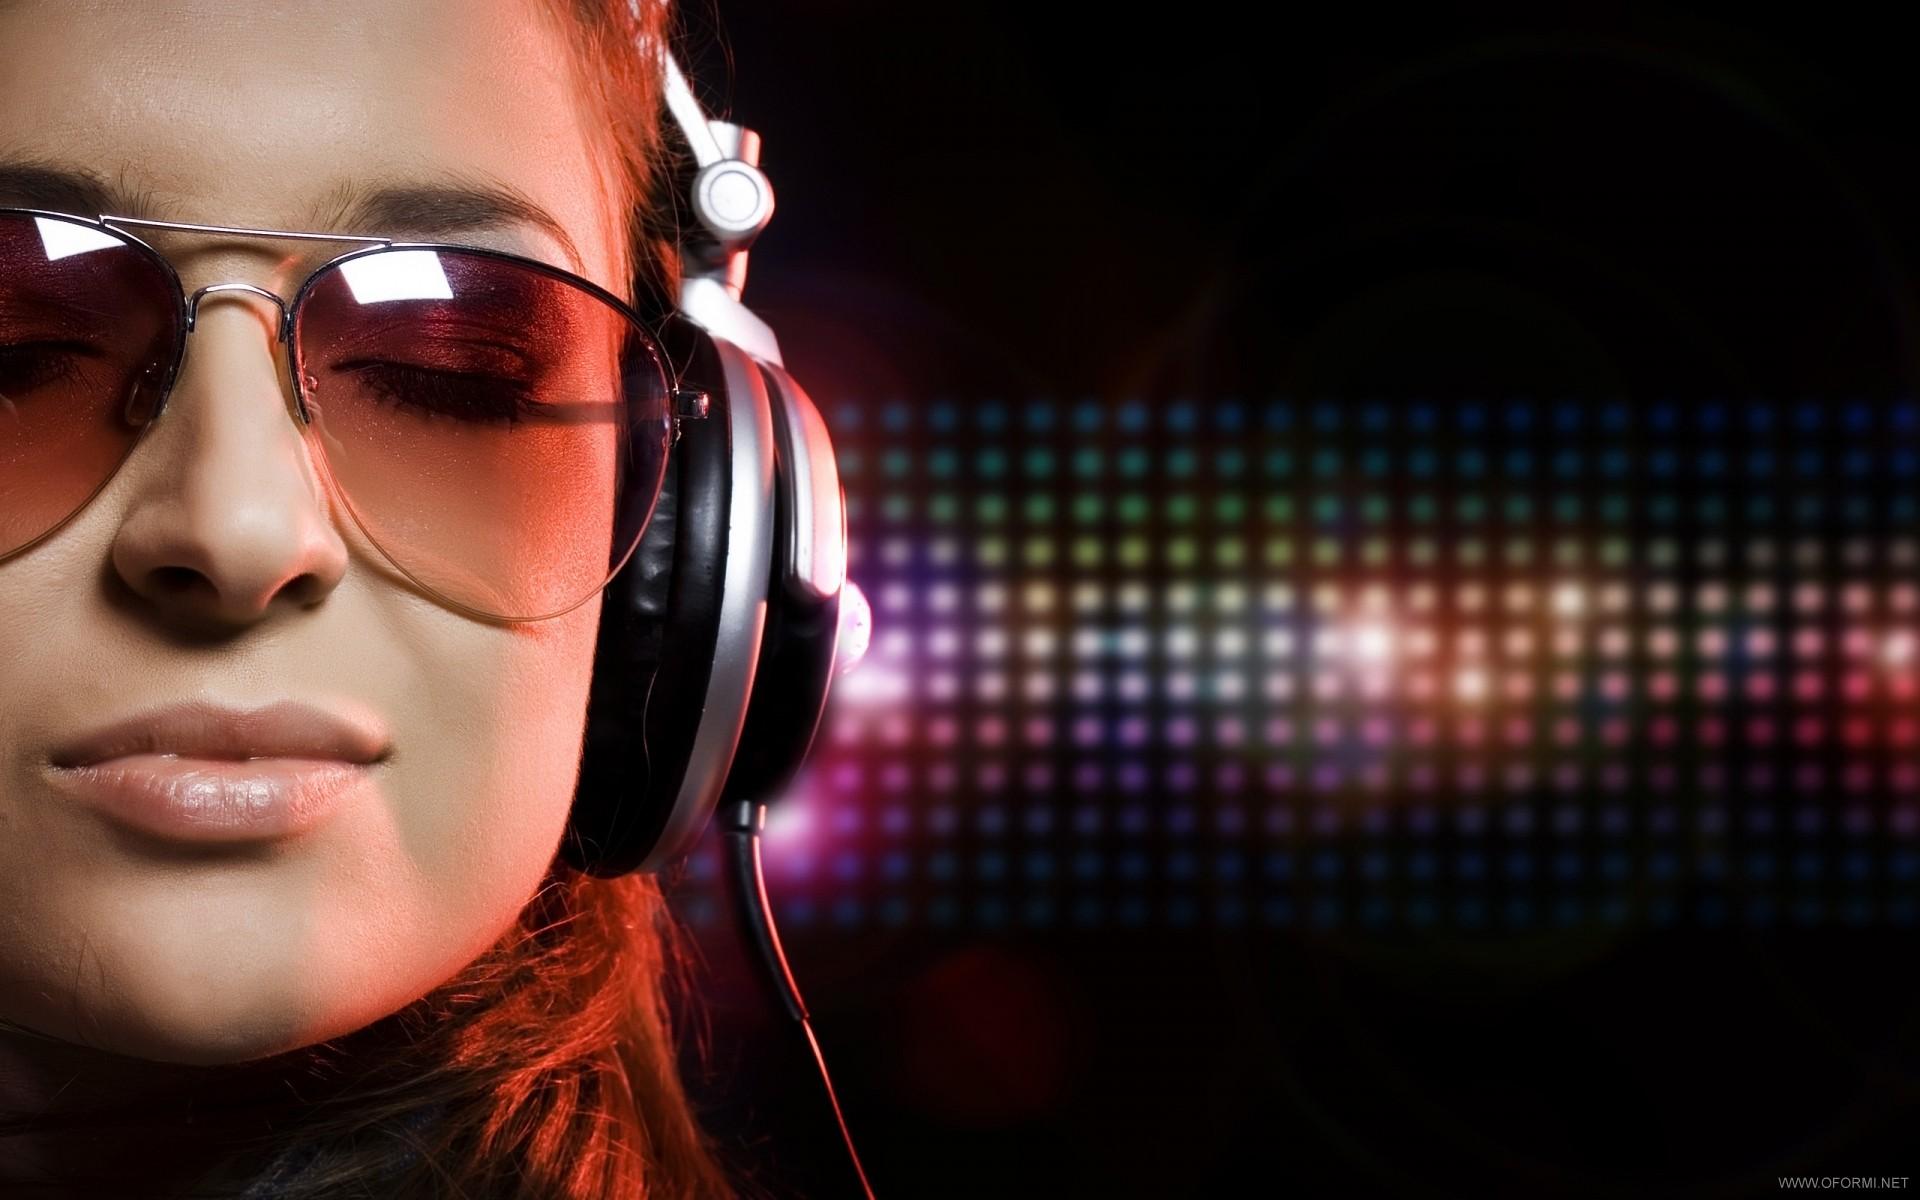 Вчені з монреаля вважають що музика